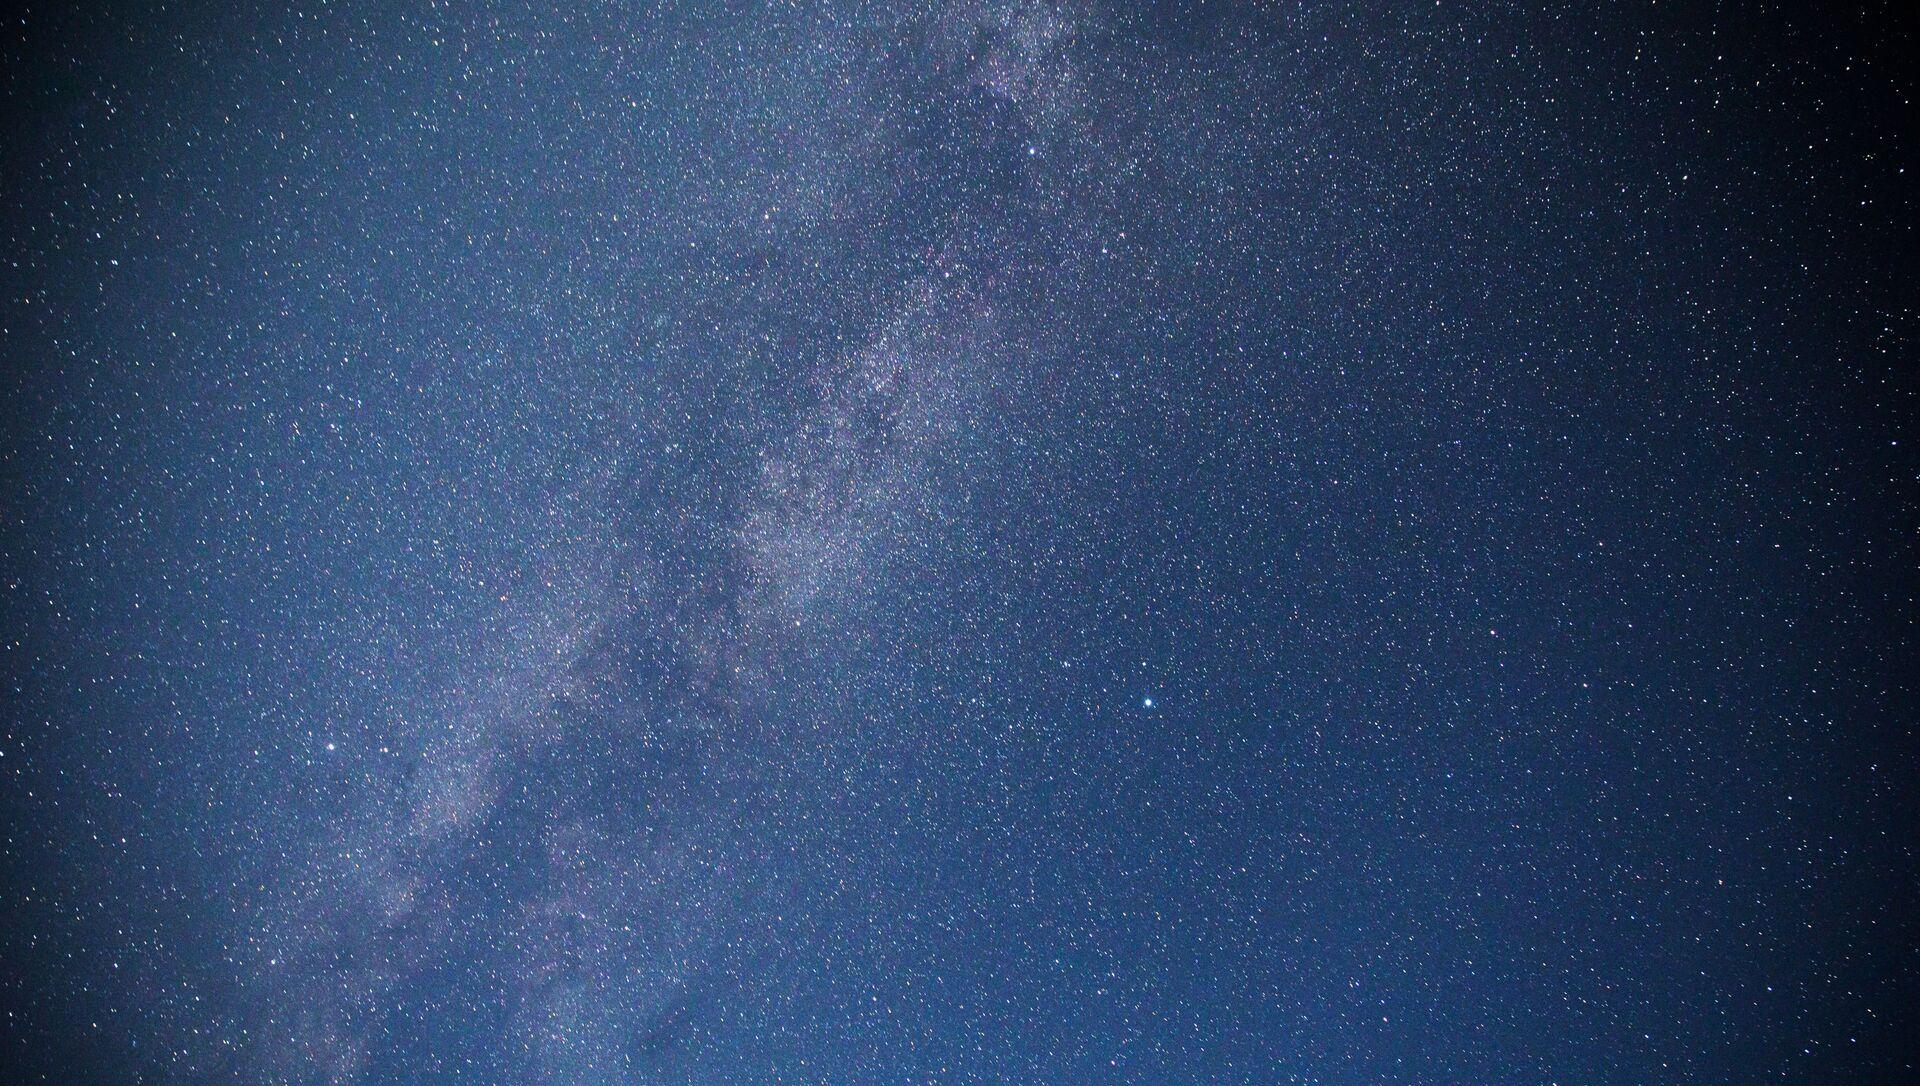 Звездное небо, наблюдаемое в Краснодарском крае во время метеорного потока Персеиды - Sputnik Грузия, 1920, 26.03.2021